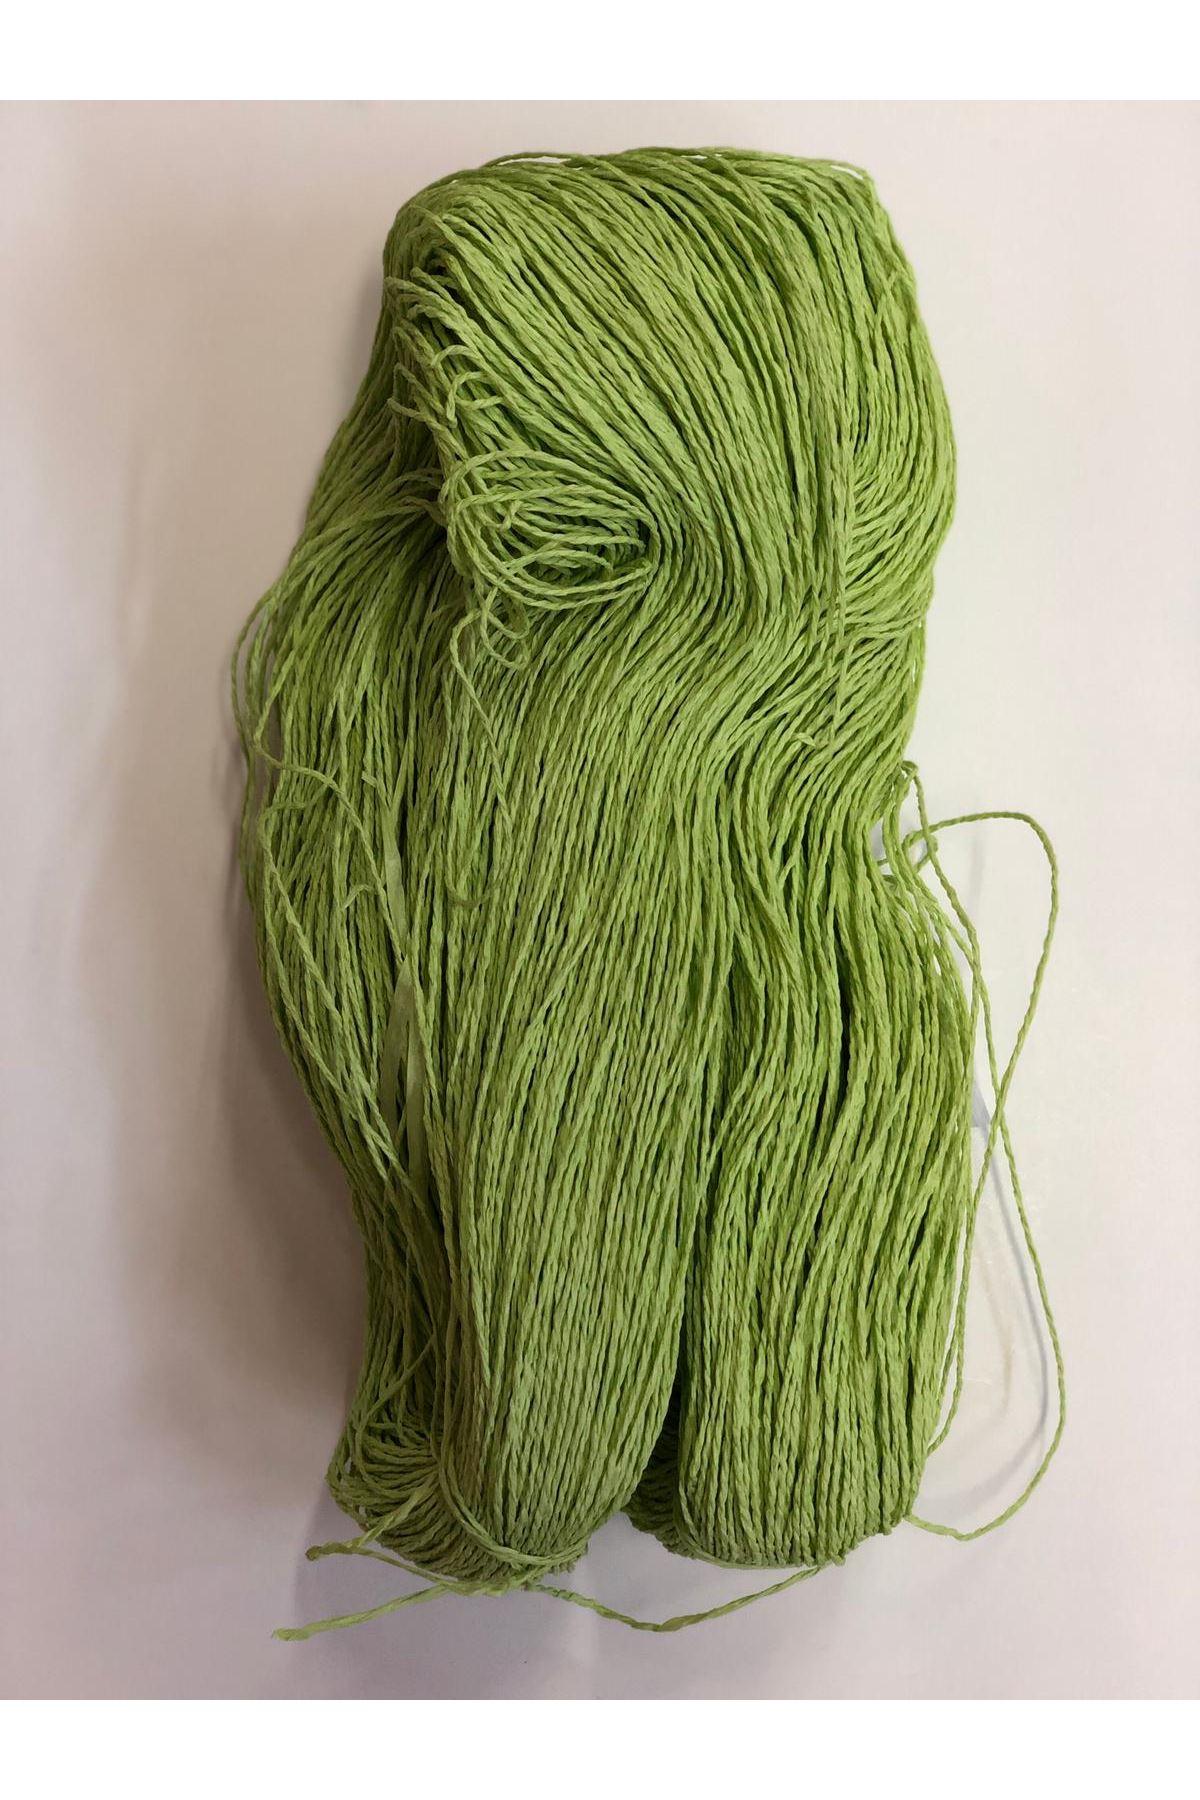 Kağıt İp Fıstık Yeşili 500 gram